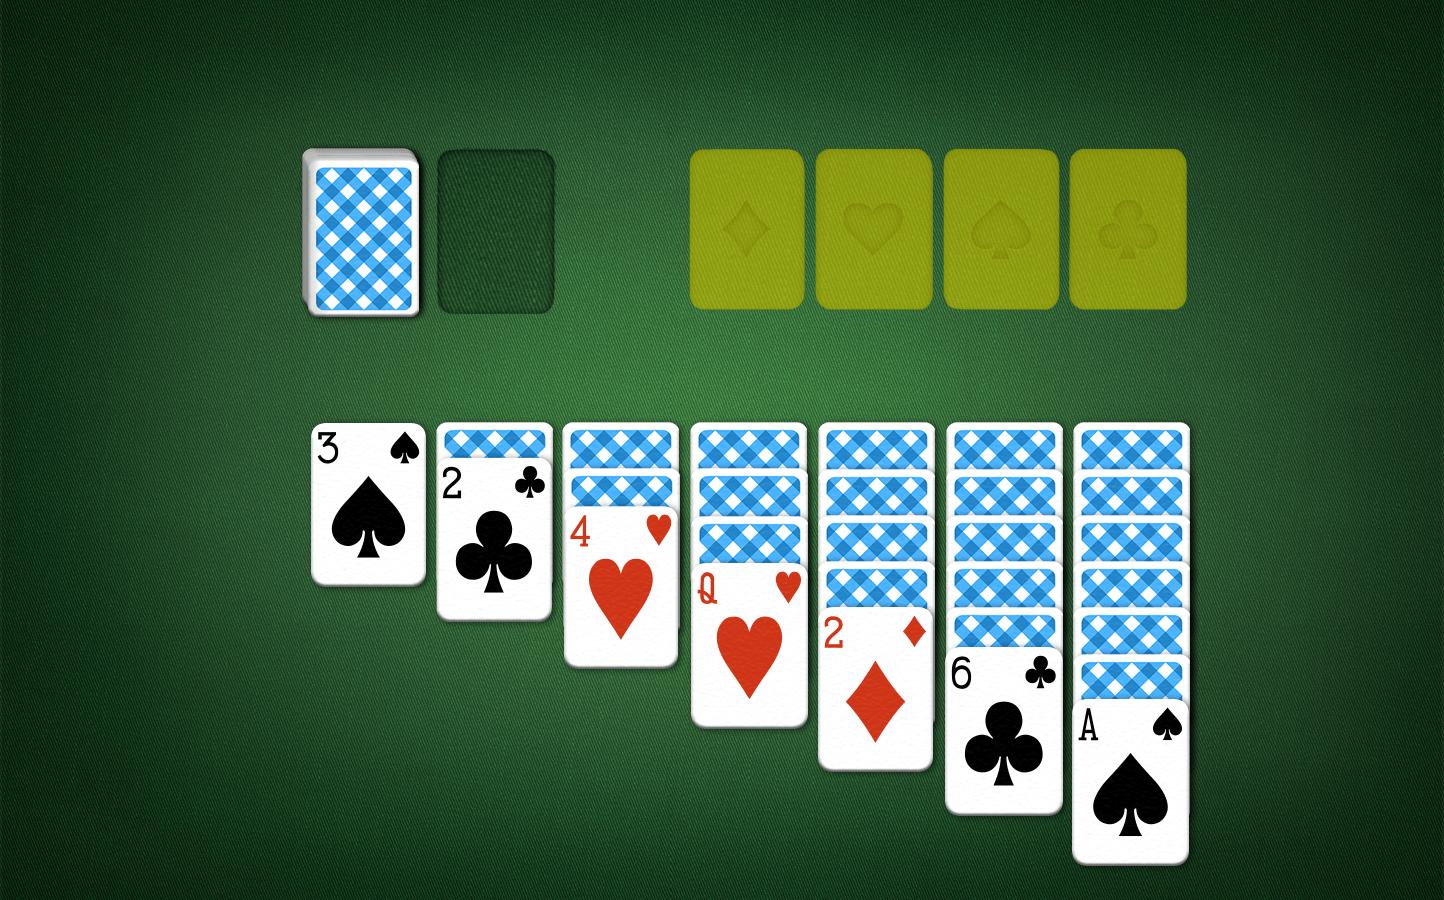 Lektion 2: Spiel mit der Foundation